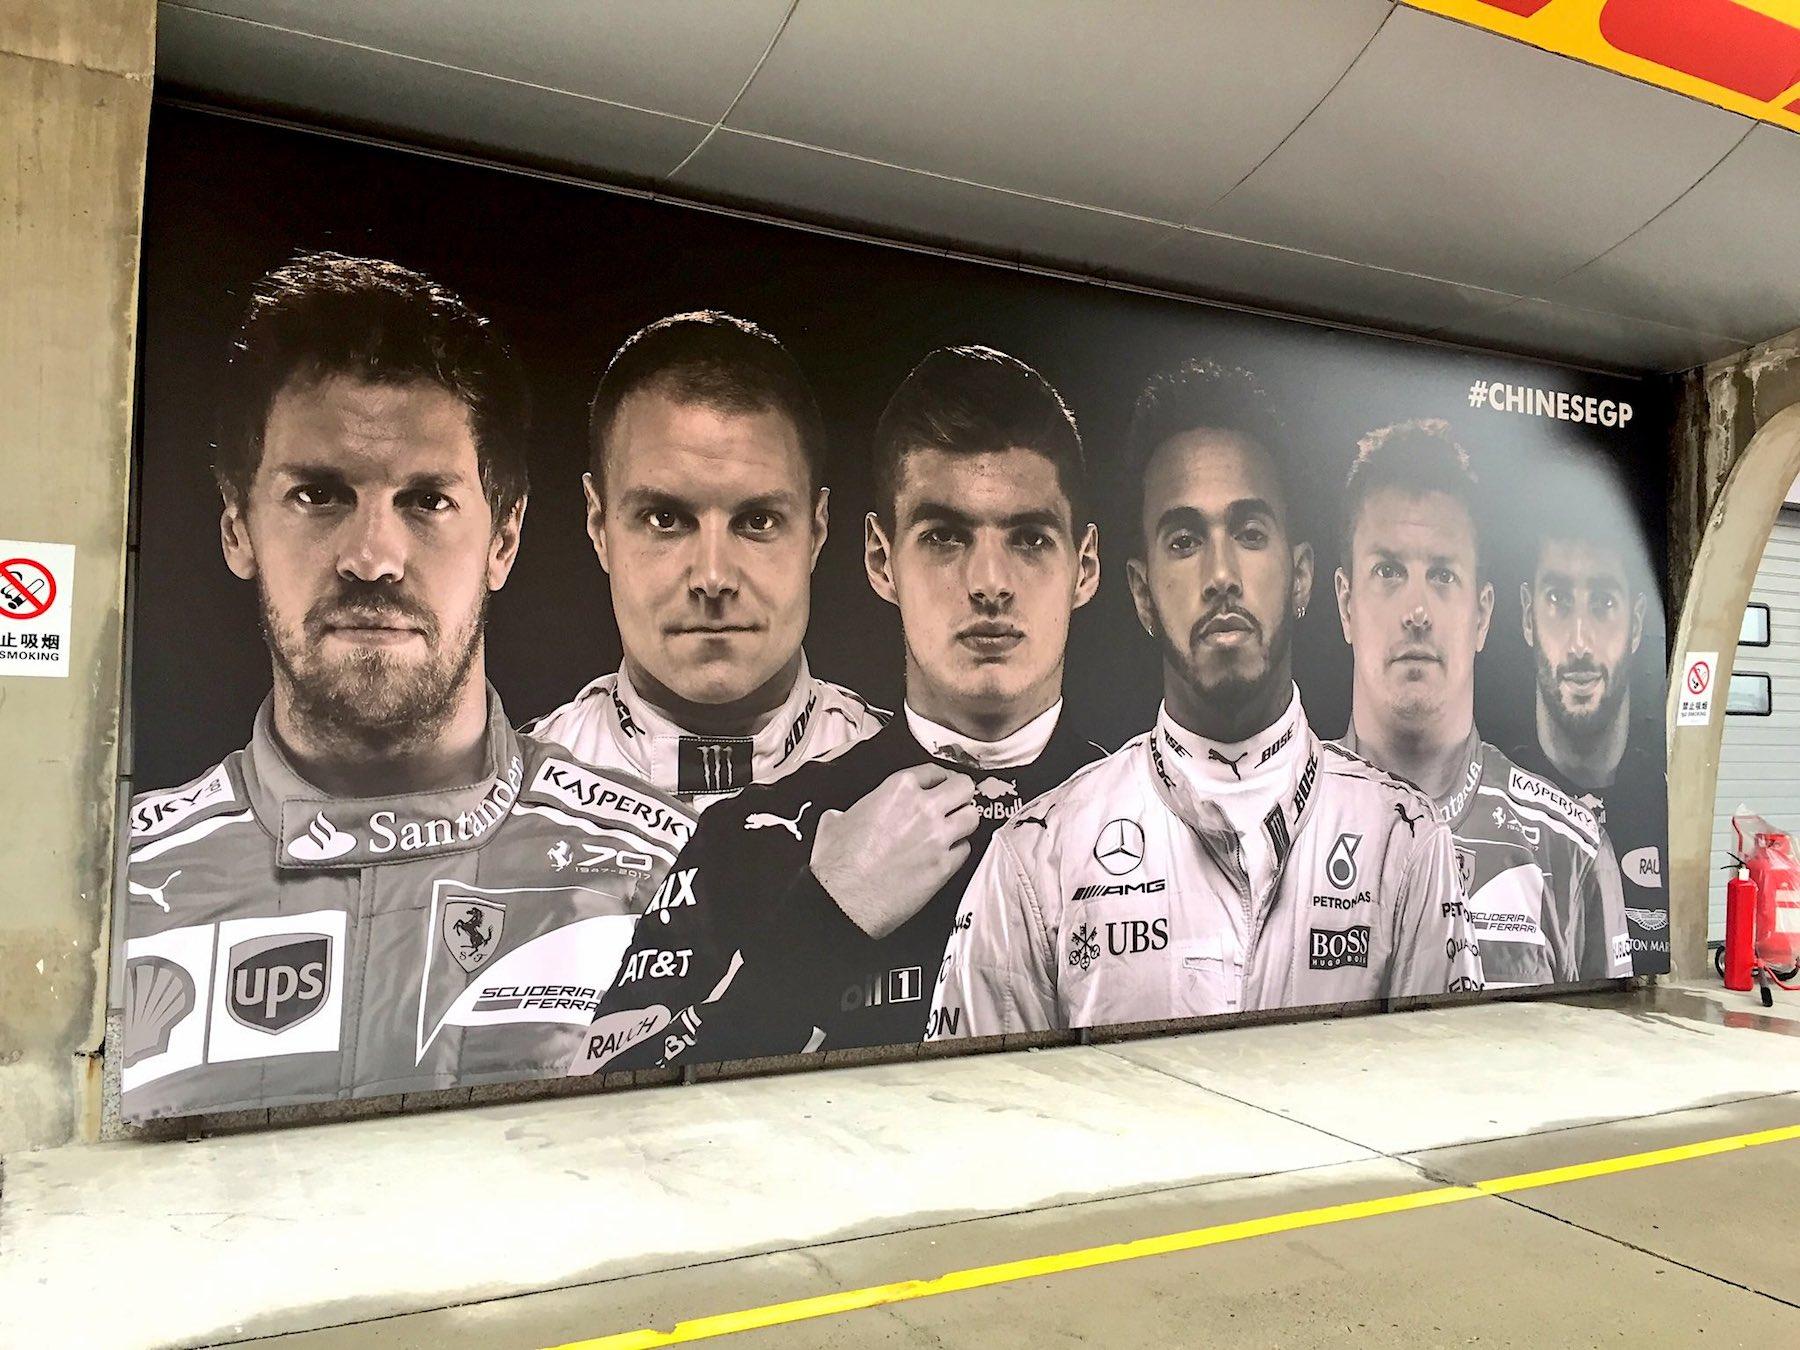 2017 Chinese GP advert copy.jpeg